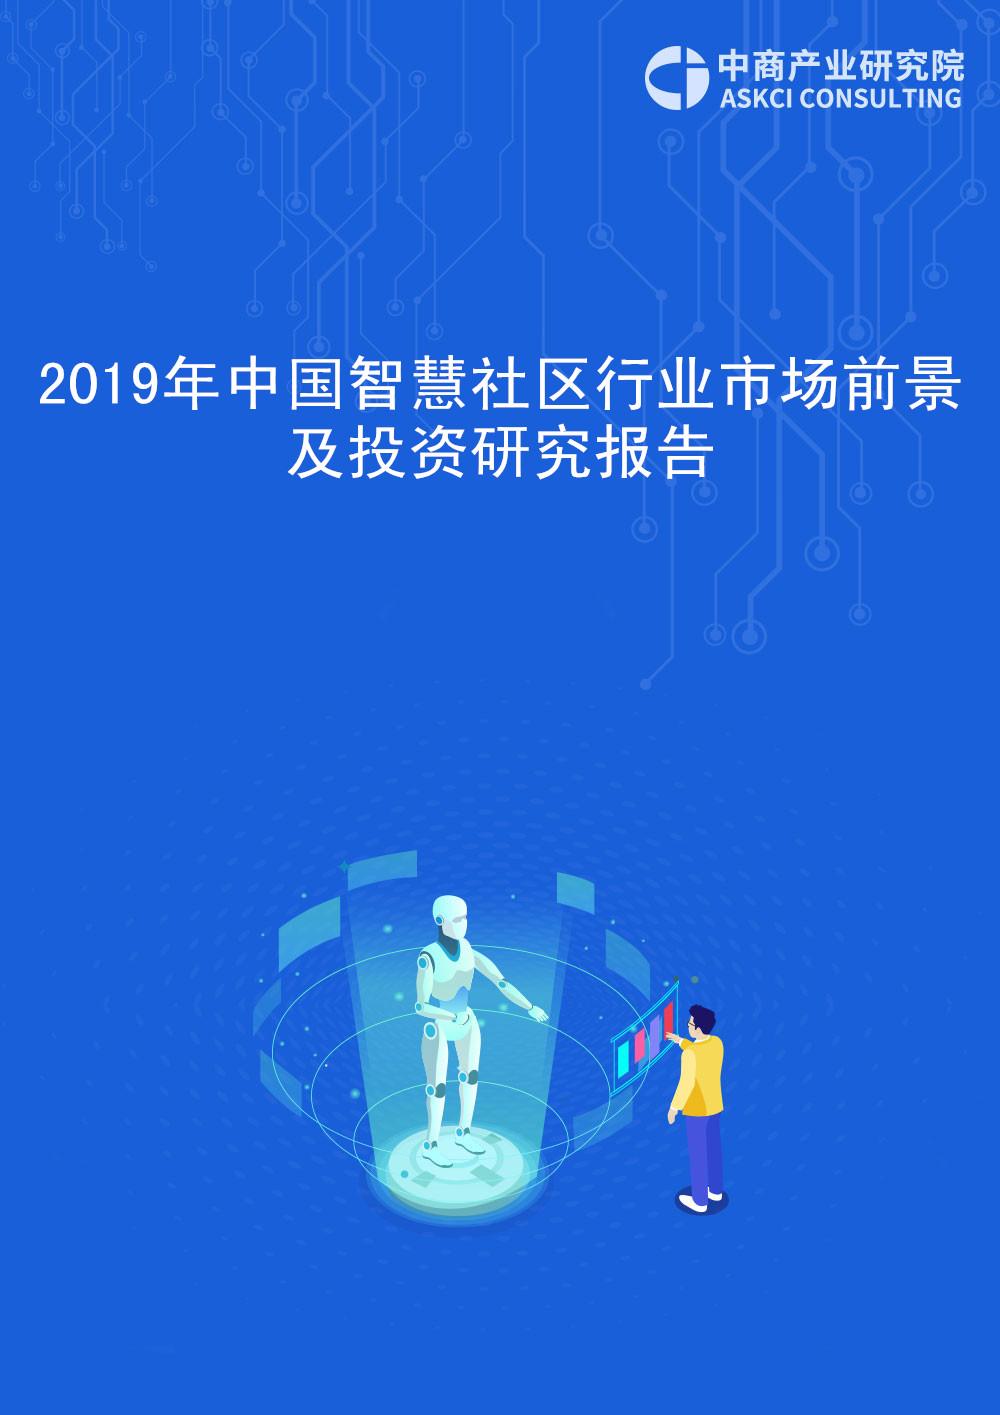 2019年中国智慧社区行业市场前景及投资研究报告